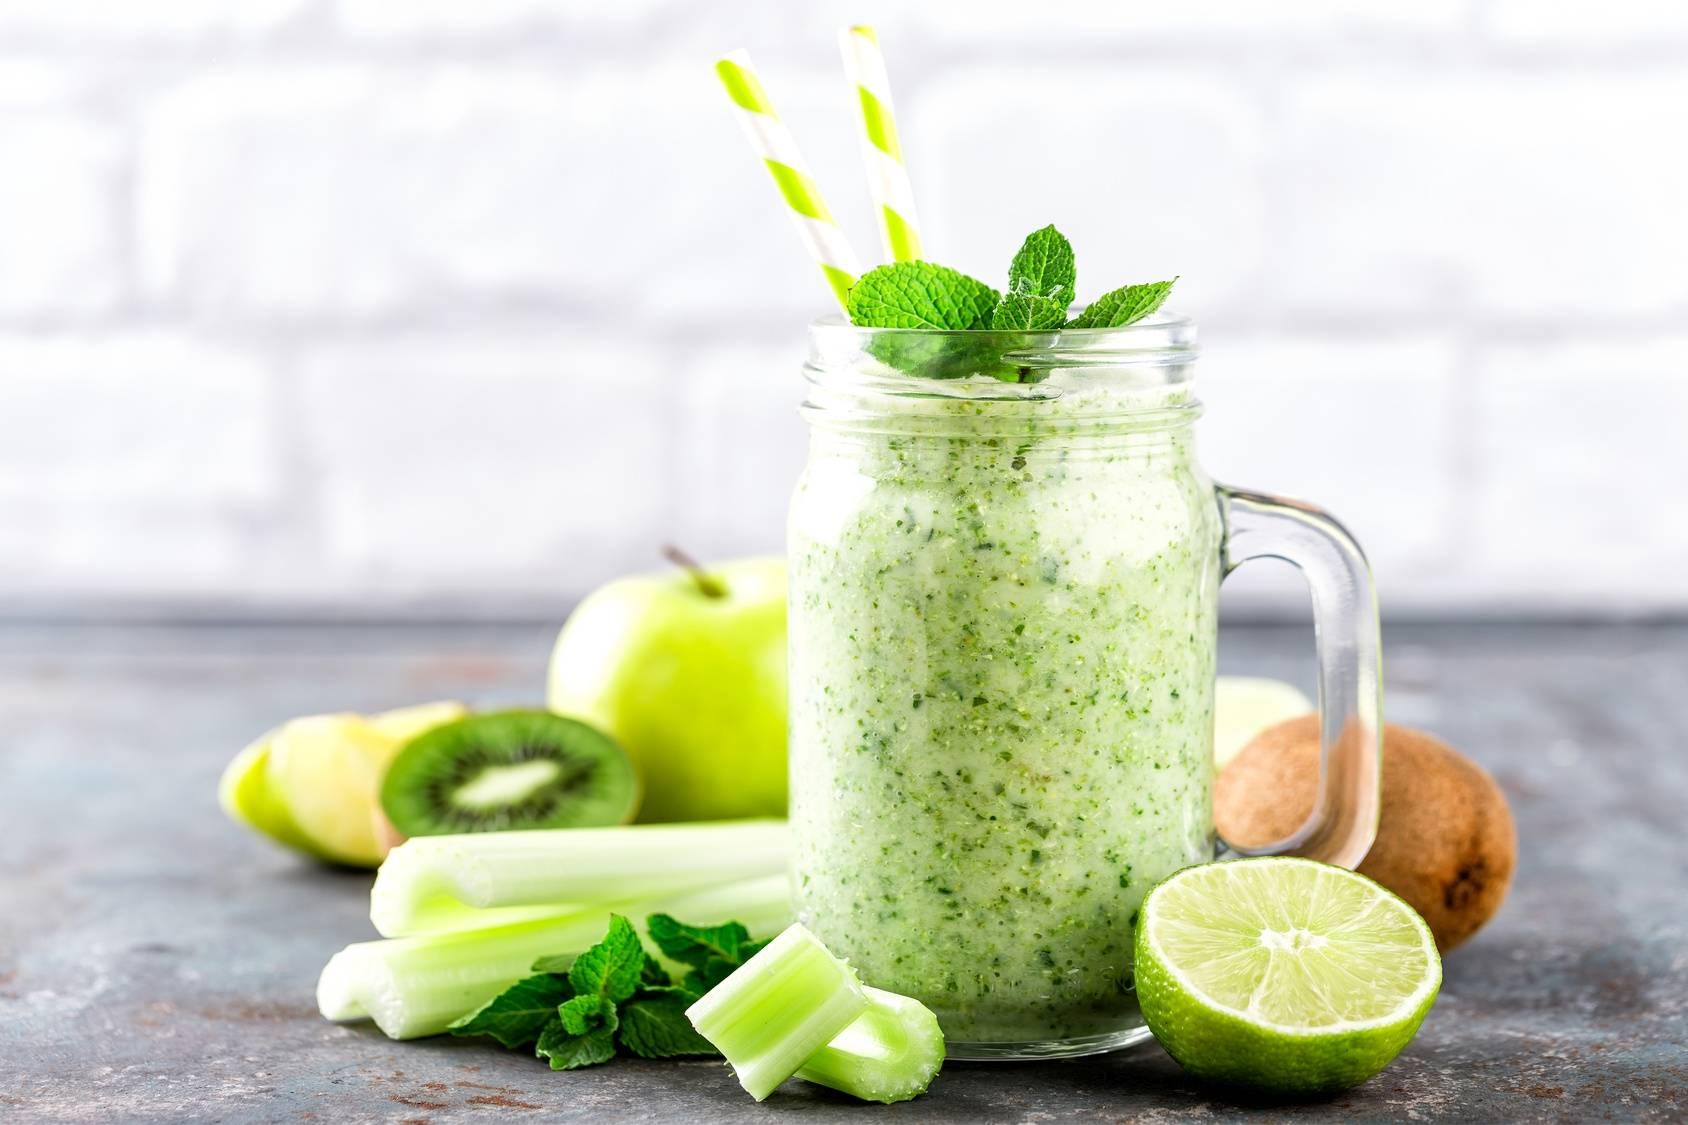 Przepis na sok z turbodoładowaniem z zielonym jabłkiem, limonką, kiwi i młodą pokrzywą.